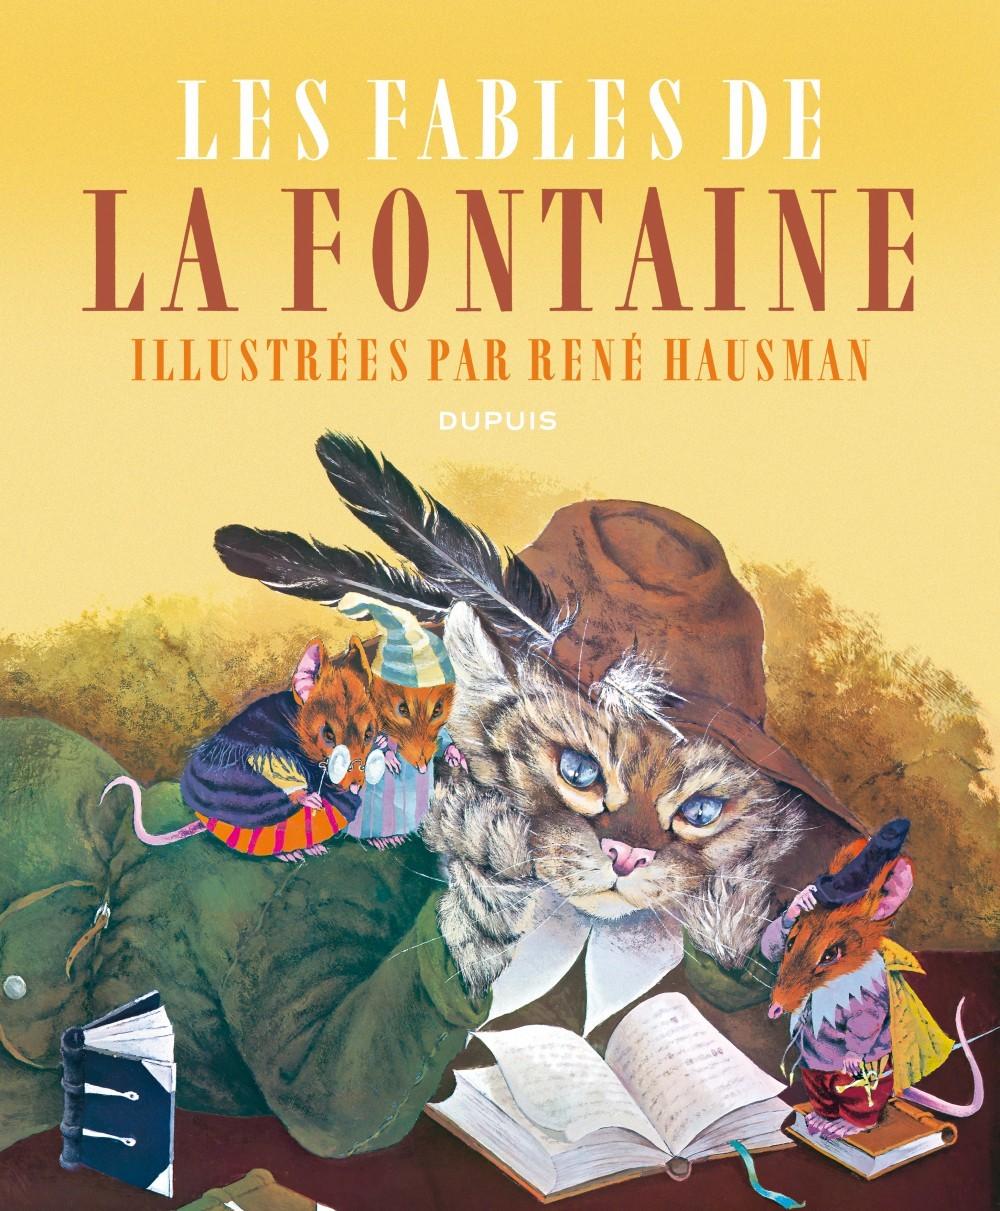 FABLES DE LA FONTAINE - LUXE T1 FABLES DE LA FONTAINE (LES) (VERSION LUXE)